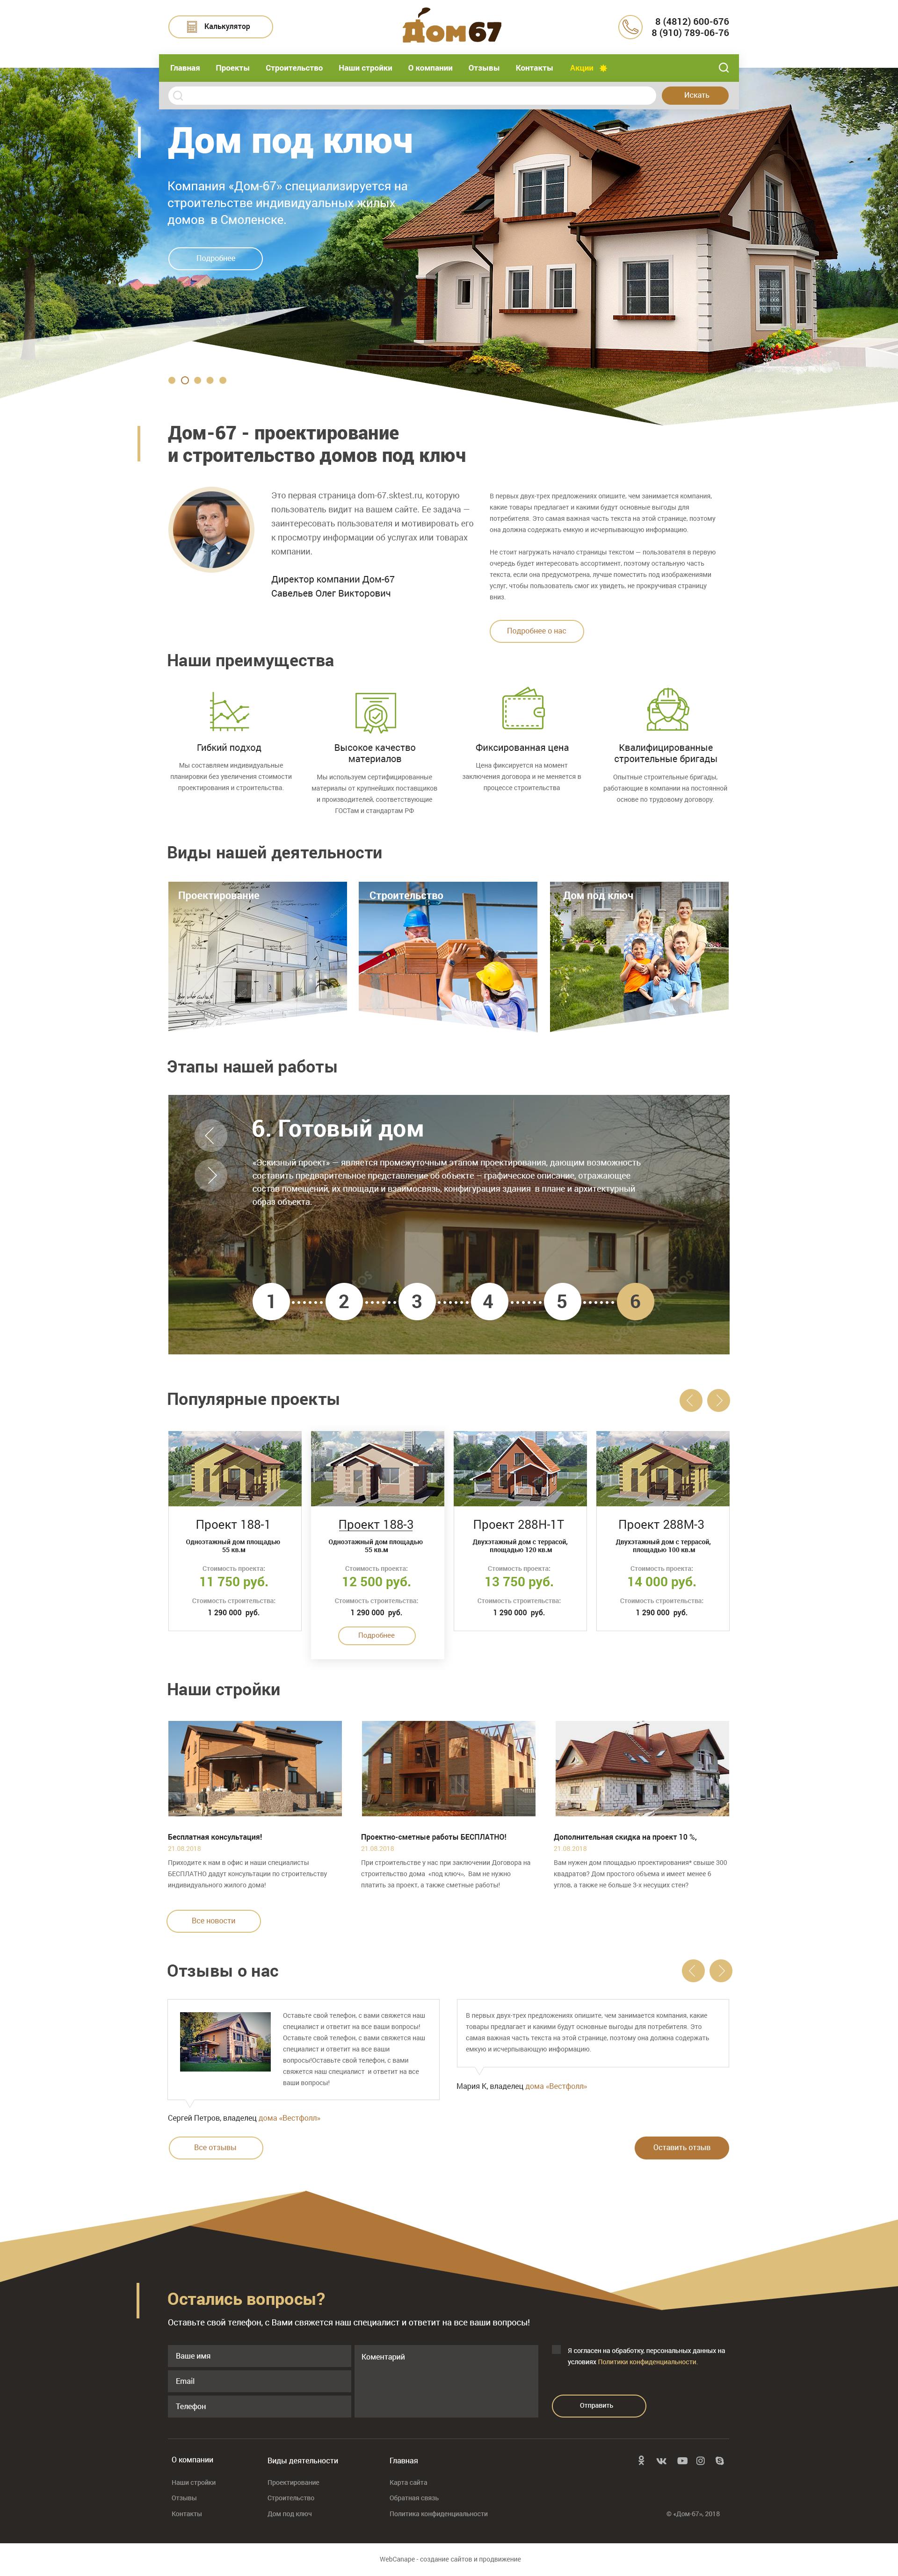 Редизайн и модернизация сайта для строительной компании